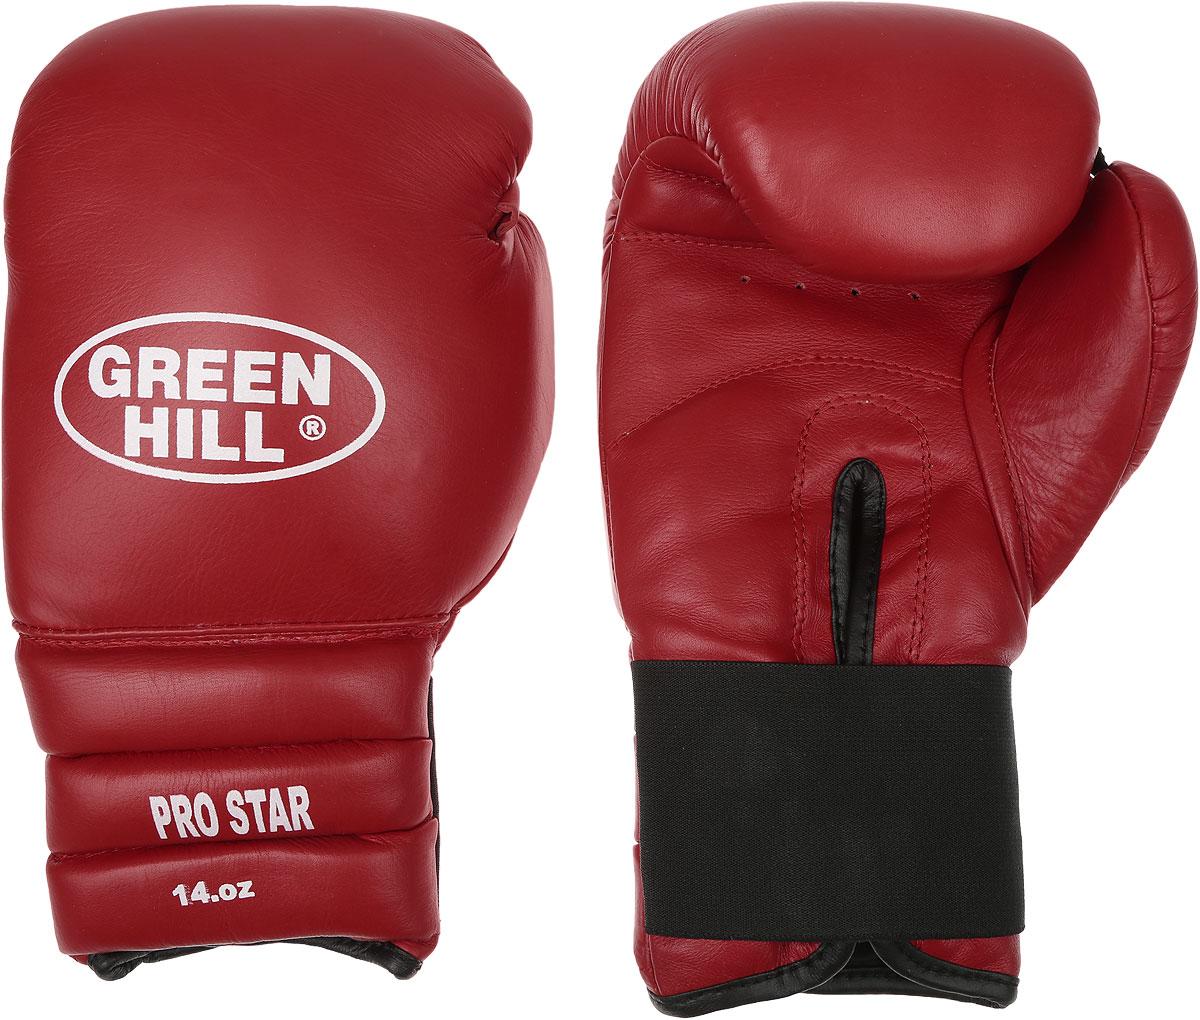 Перчатки боксерские Green Hill Pro Star, цвет: красный, белый. Вес 14 унций. BGPS-2012